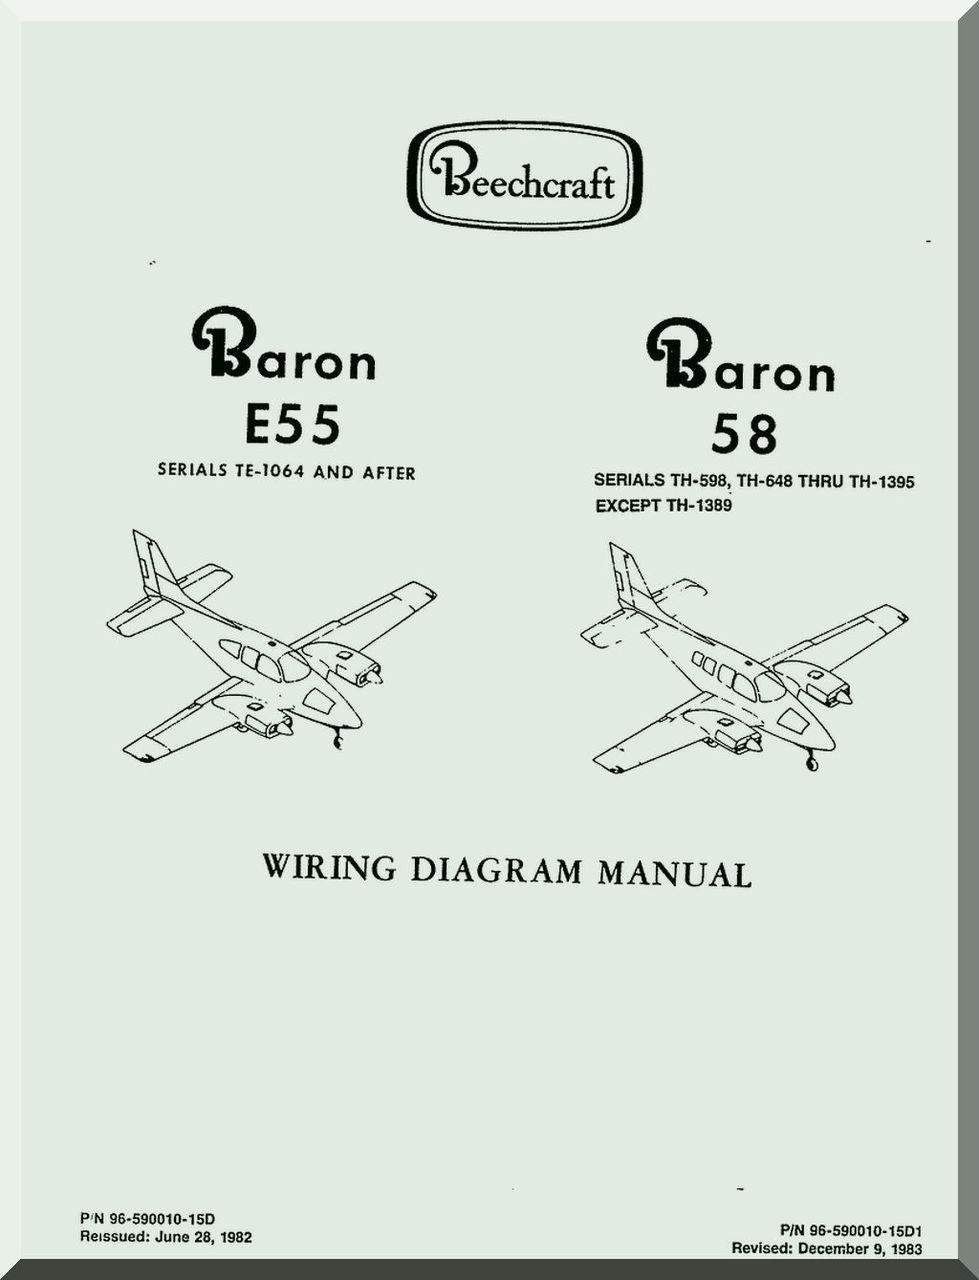 baronE55_58_wiring_diagram_manual0001__61898.1446526384.1280.1280?c\\\\\\\=2 intercom wiring diagram & wiring diagram for led lights how to read aircraft wiring diagrams at reclaimingppi.co